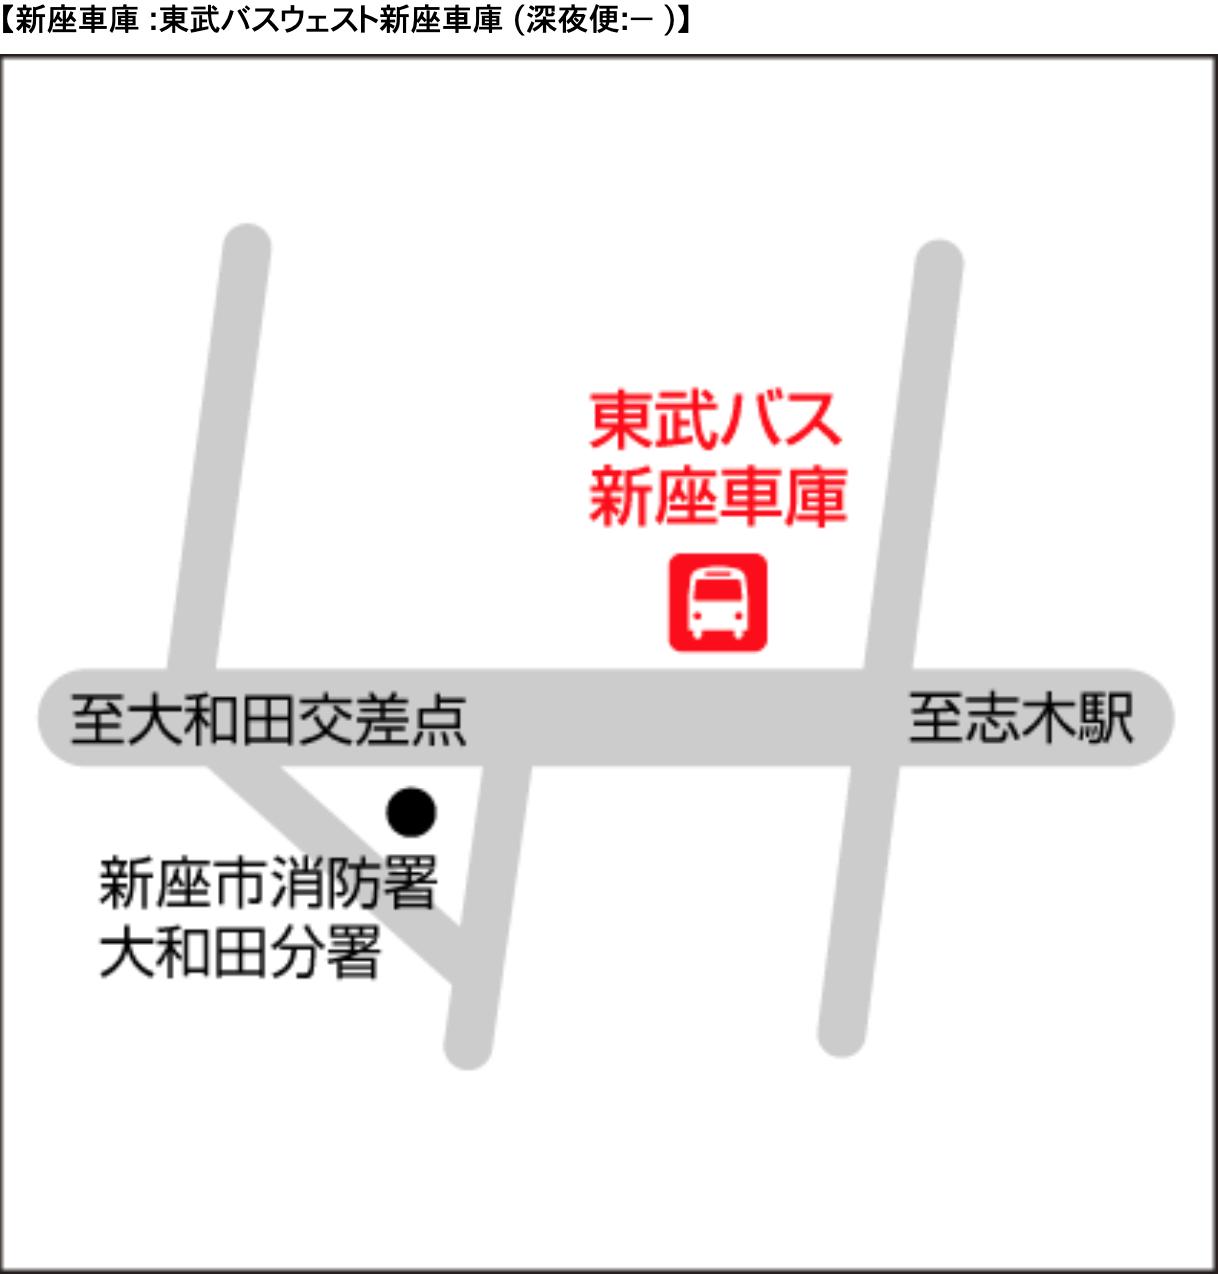 空港バス 新座車庫 案内図